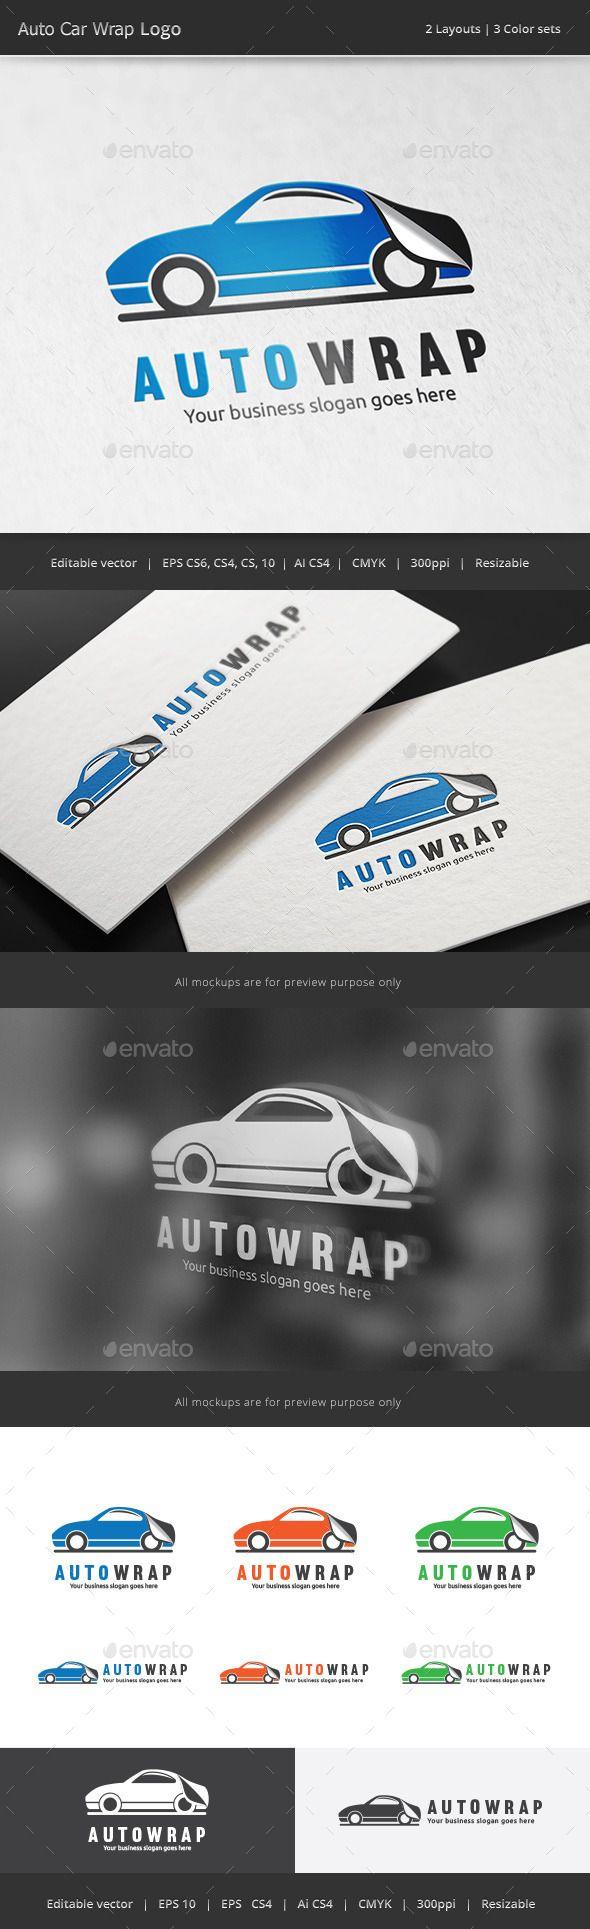 Car sticker design psd - Car Sticker Wrap Logo